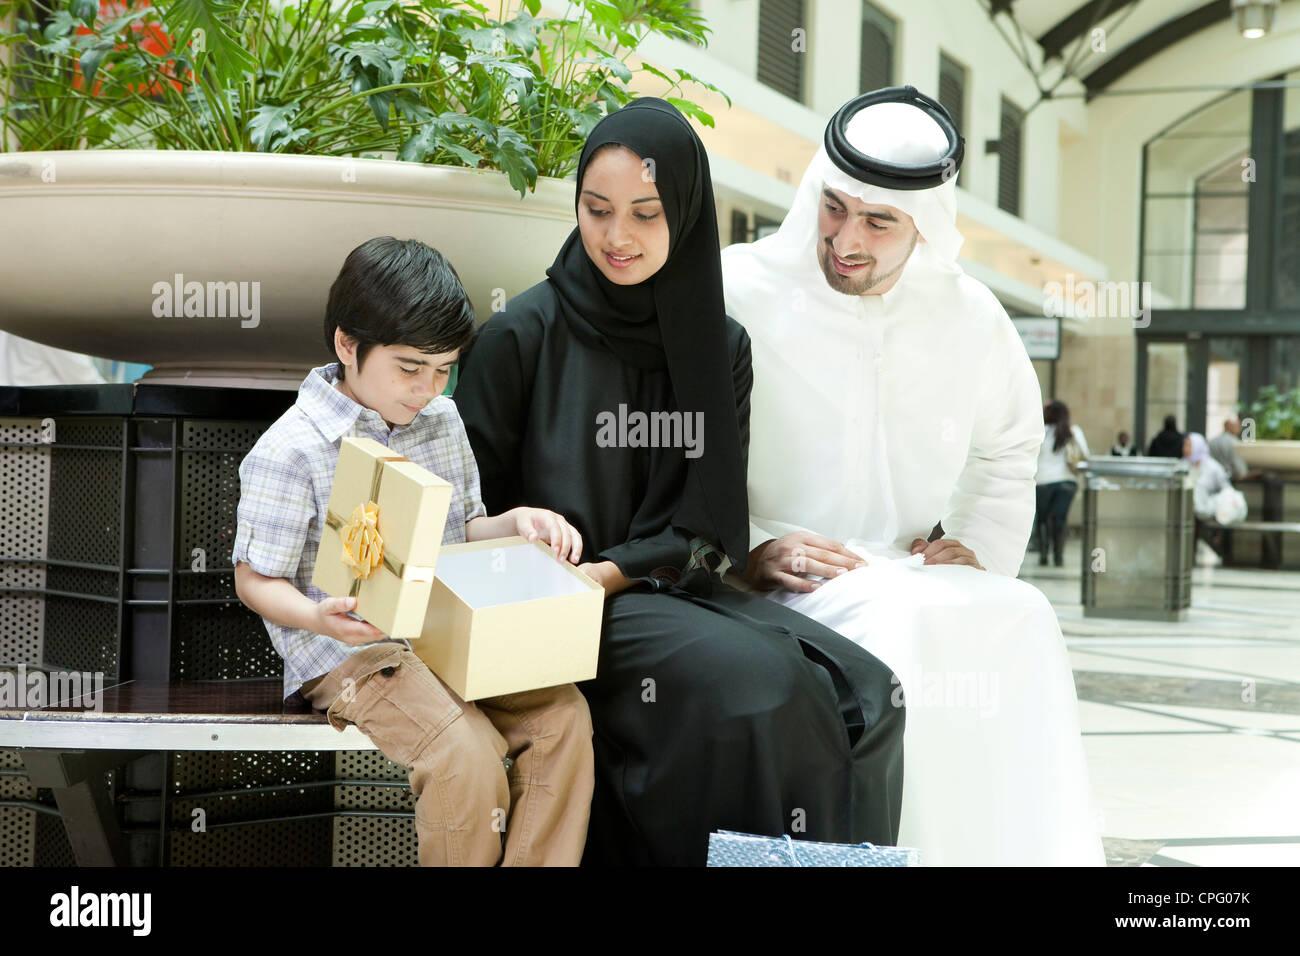 Arabische Familie sitzt in der Shopping Mall, Eltern Geschenk an ihren Sohn zu geben. Stockbild